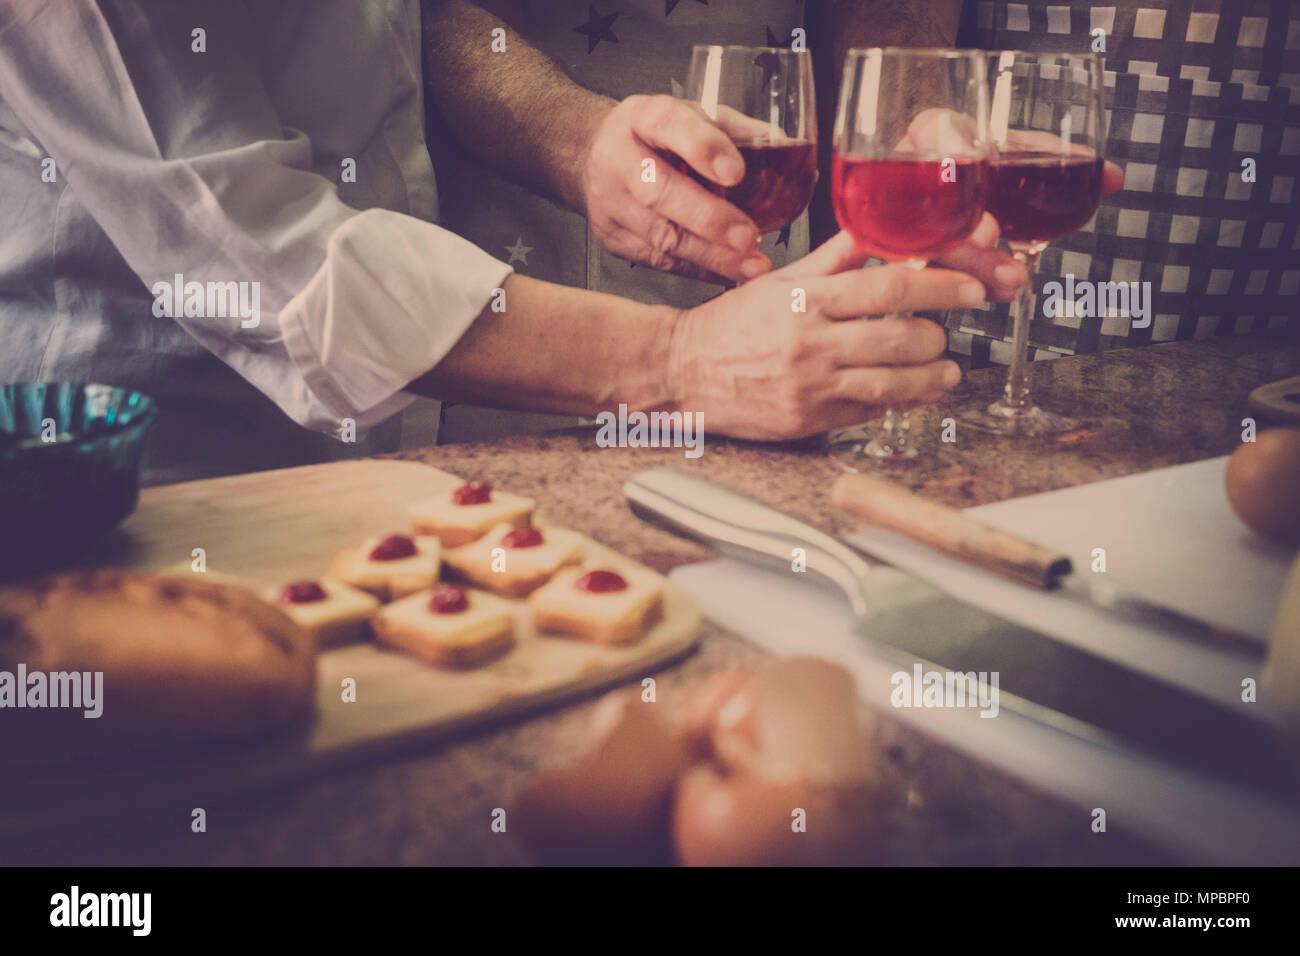 Vintage filtro per un cocktail home scena con tre mani da due uomini e una donna di casa. Scena nazionale di vita abituale per un po' di tempo insieme. Immagini Stock